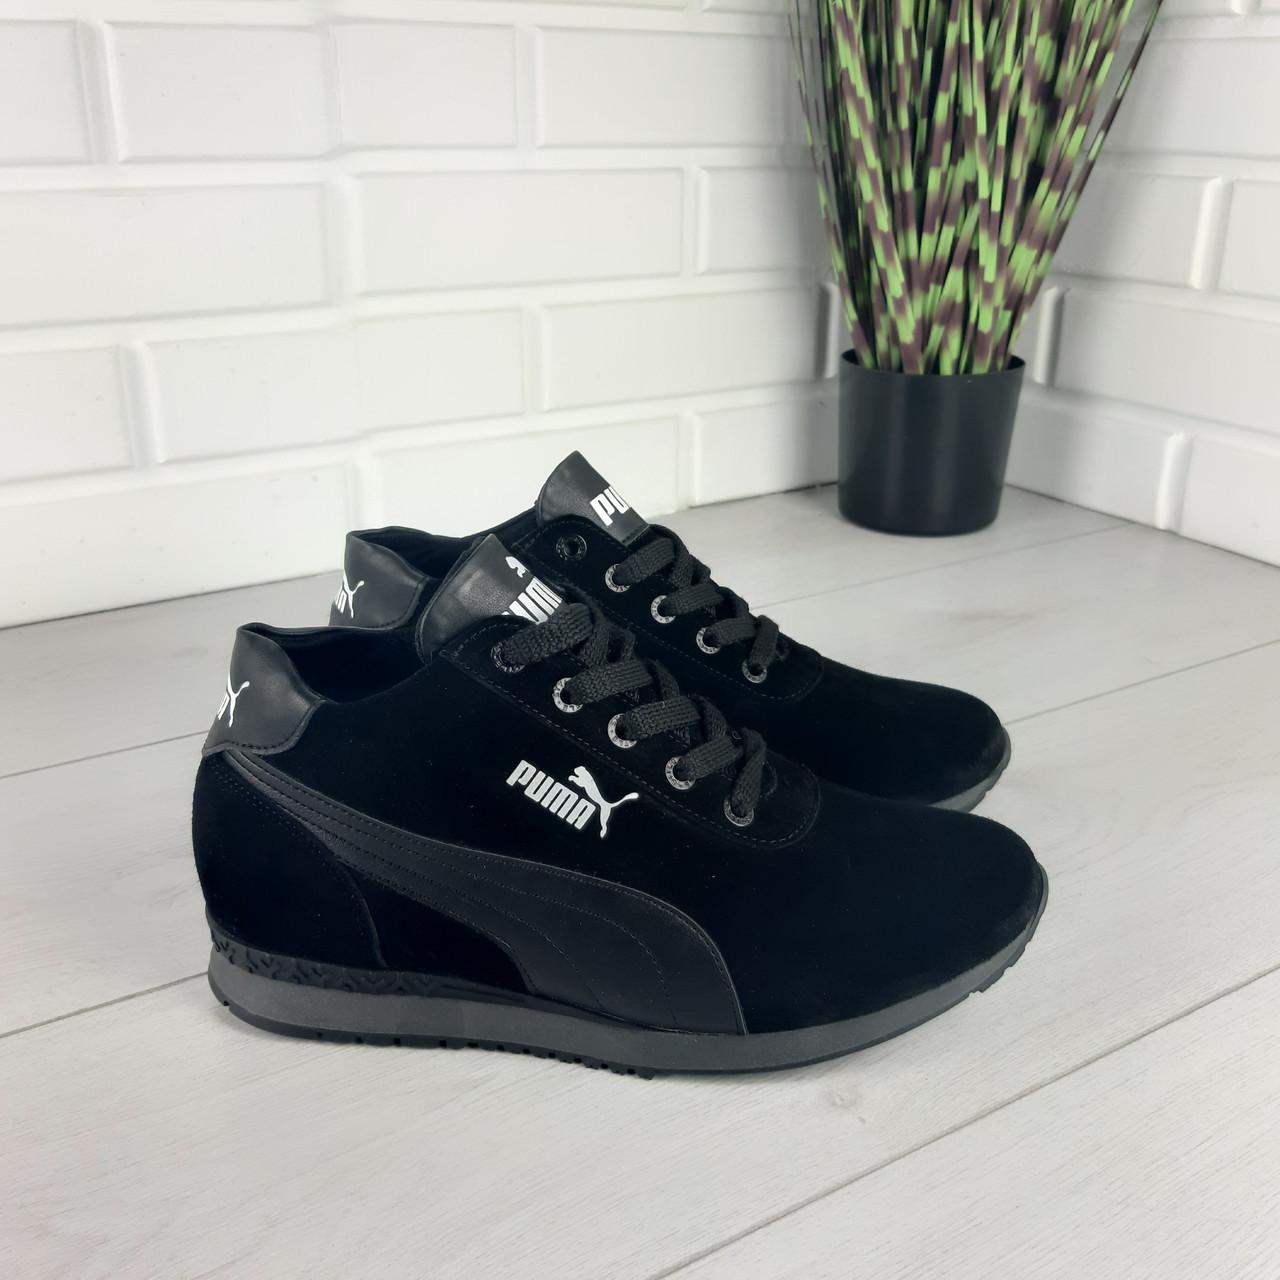 """Мужские ботинки зимние из натуральной замши, внутри натуральная шерсть. В стиле """"Puma"""""""